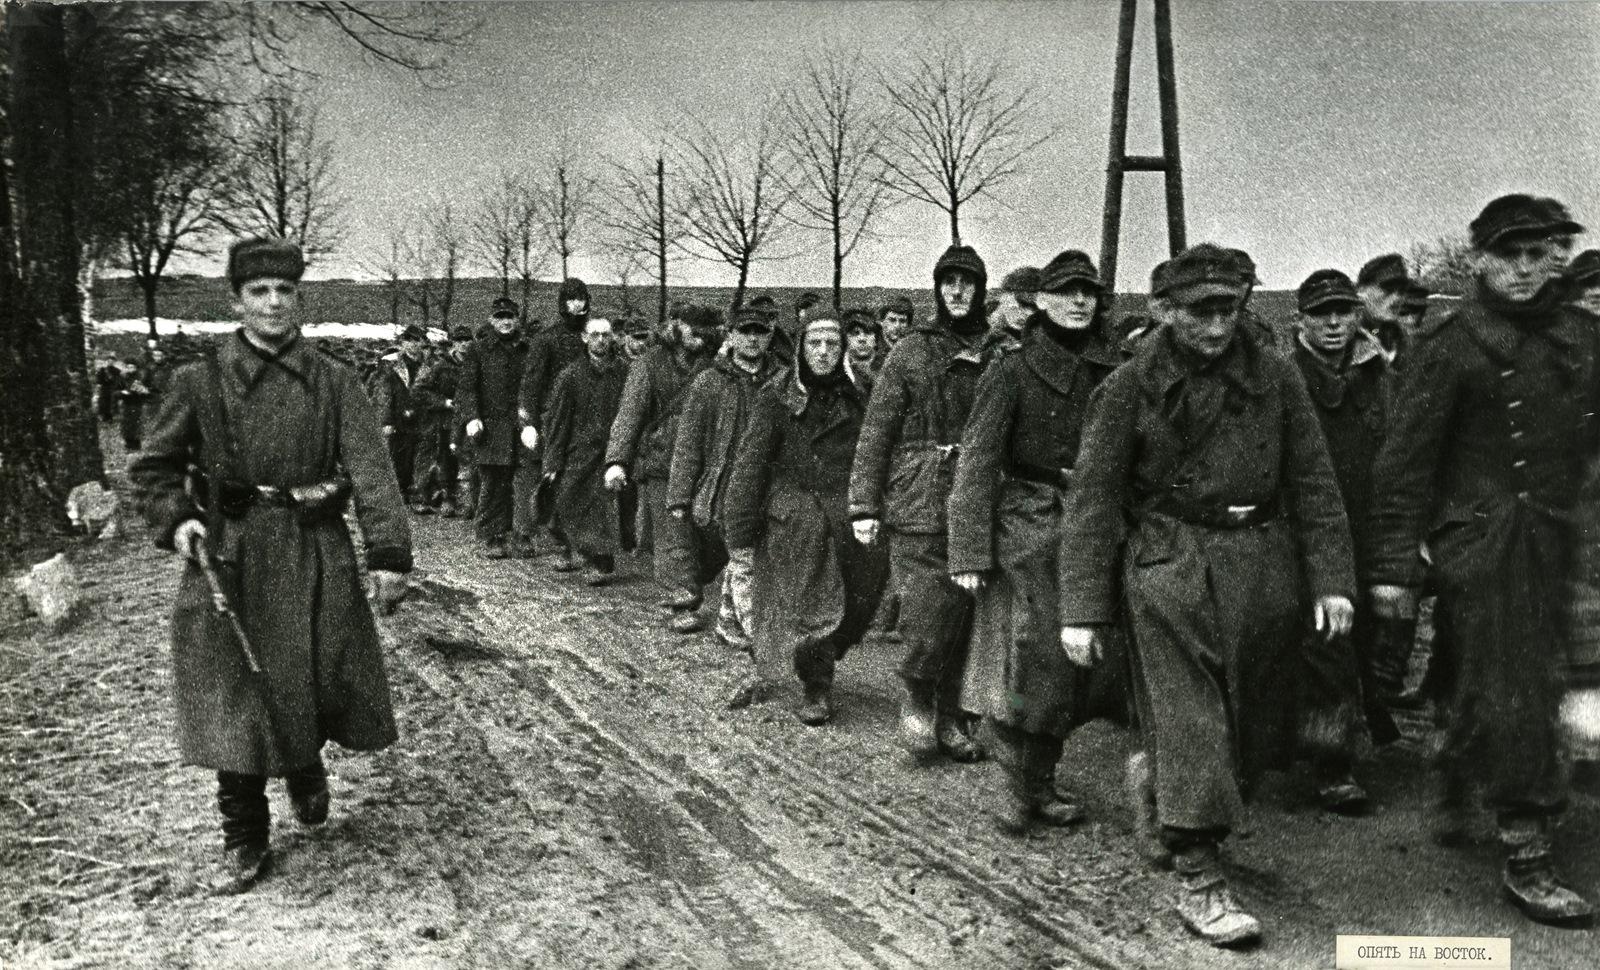 «Опять на Восток». Восточная Пруссия. 1945 год. Автор Аркашев В. И. КОИХМ